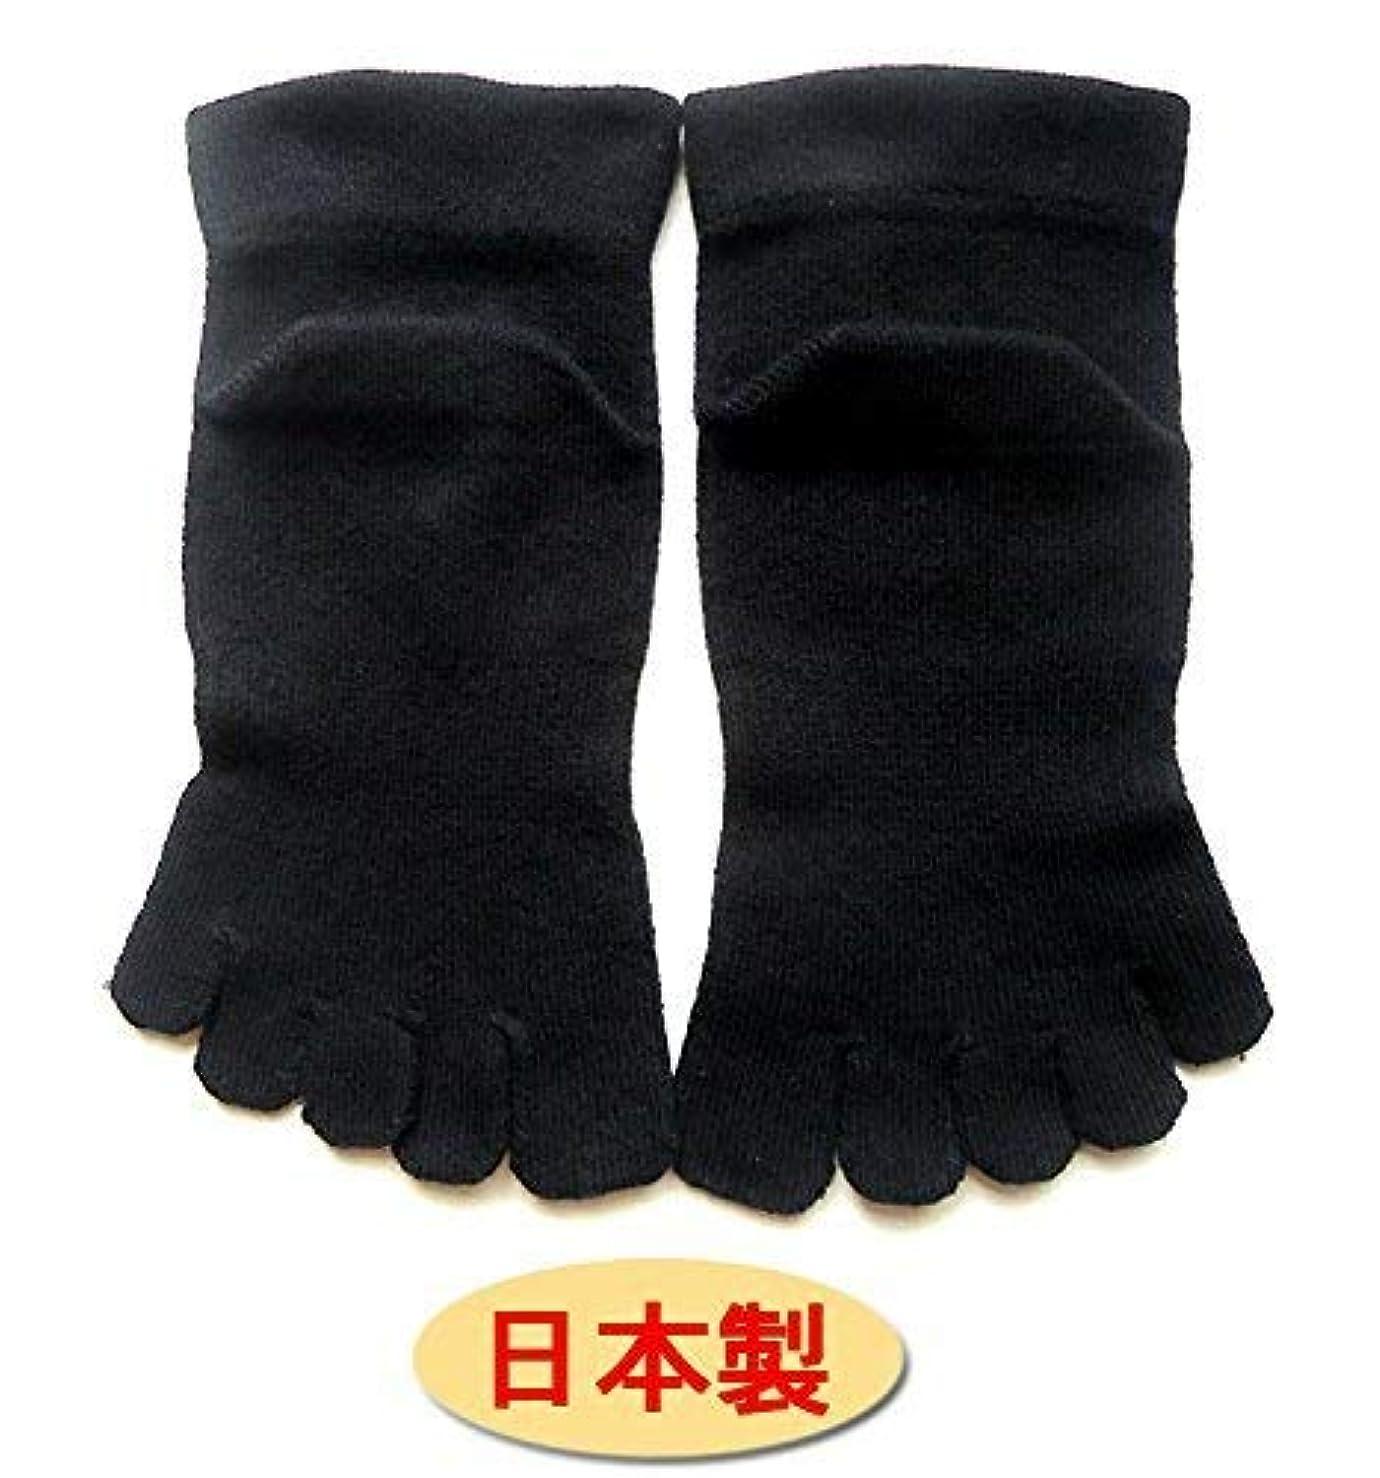 日本製 5本指ソックス レディース 爽やか表綿100% 口ゴムゆったり 22-24cm 3足組(黒色)